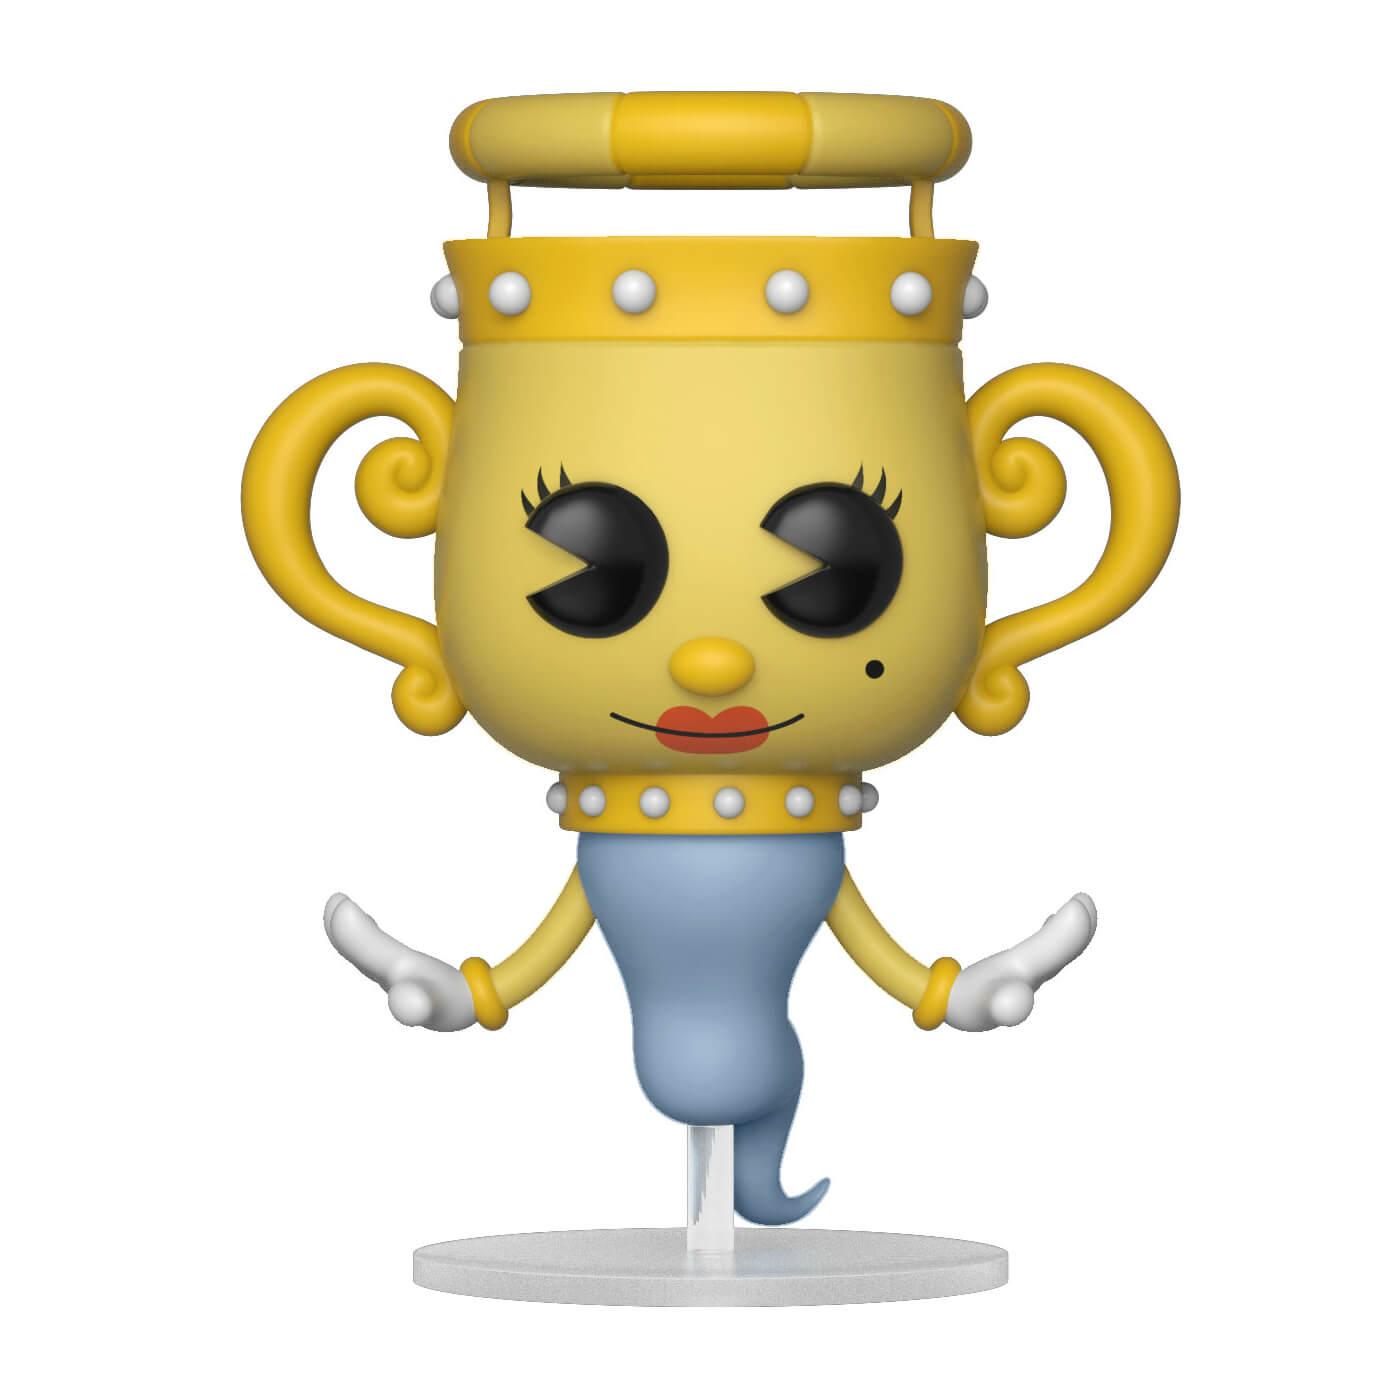 Pop! Vinyl Figurine Pop! Legendary Chalice - Cuphead